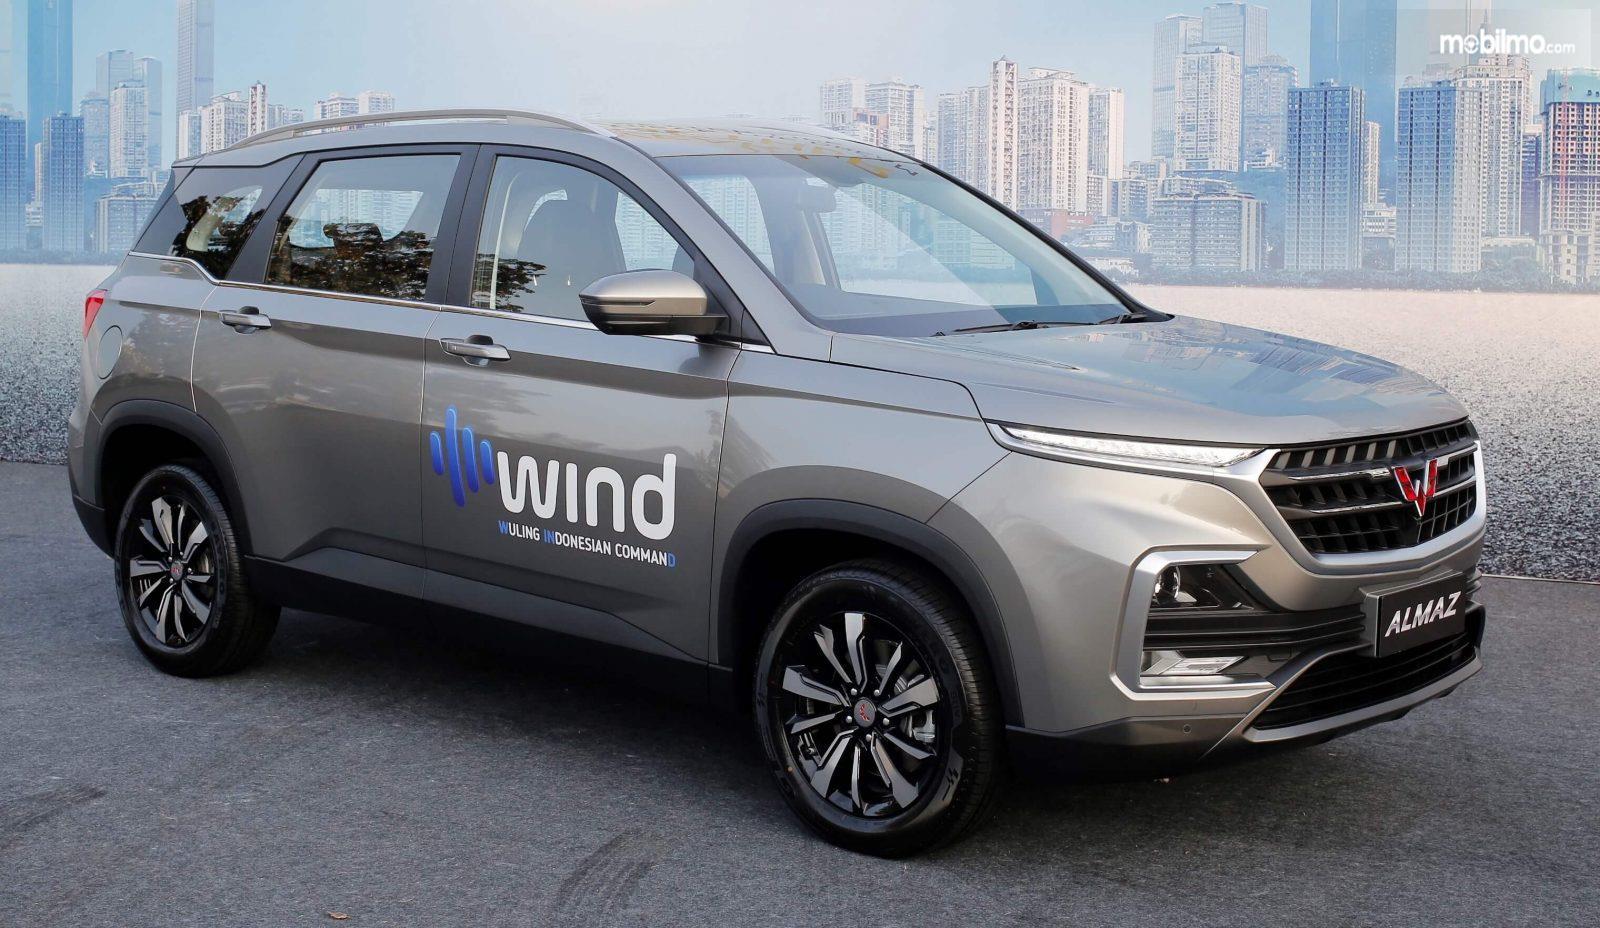 Foto menunjukkan Wuling Almaz 7 seater yang sudah dilengkapi teknologi perintah suara berbahasa Indonesia, WIND